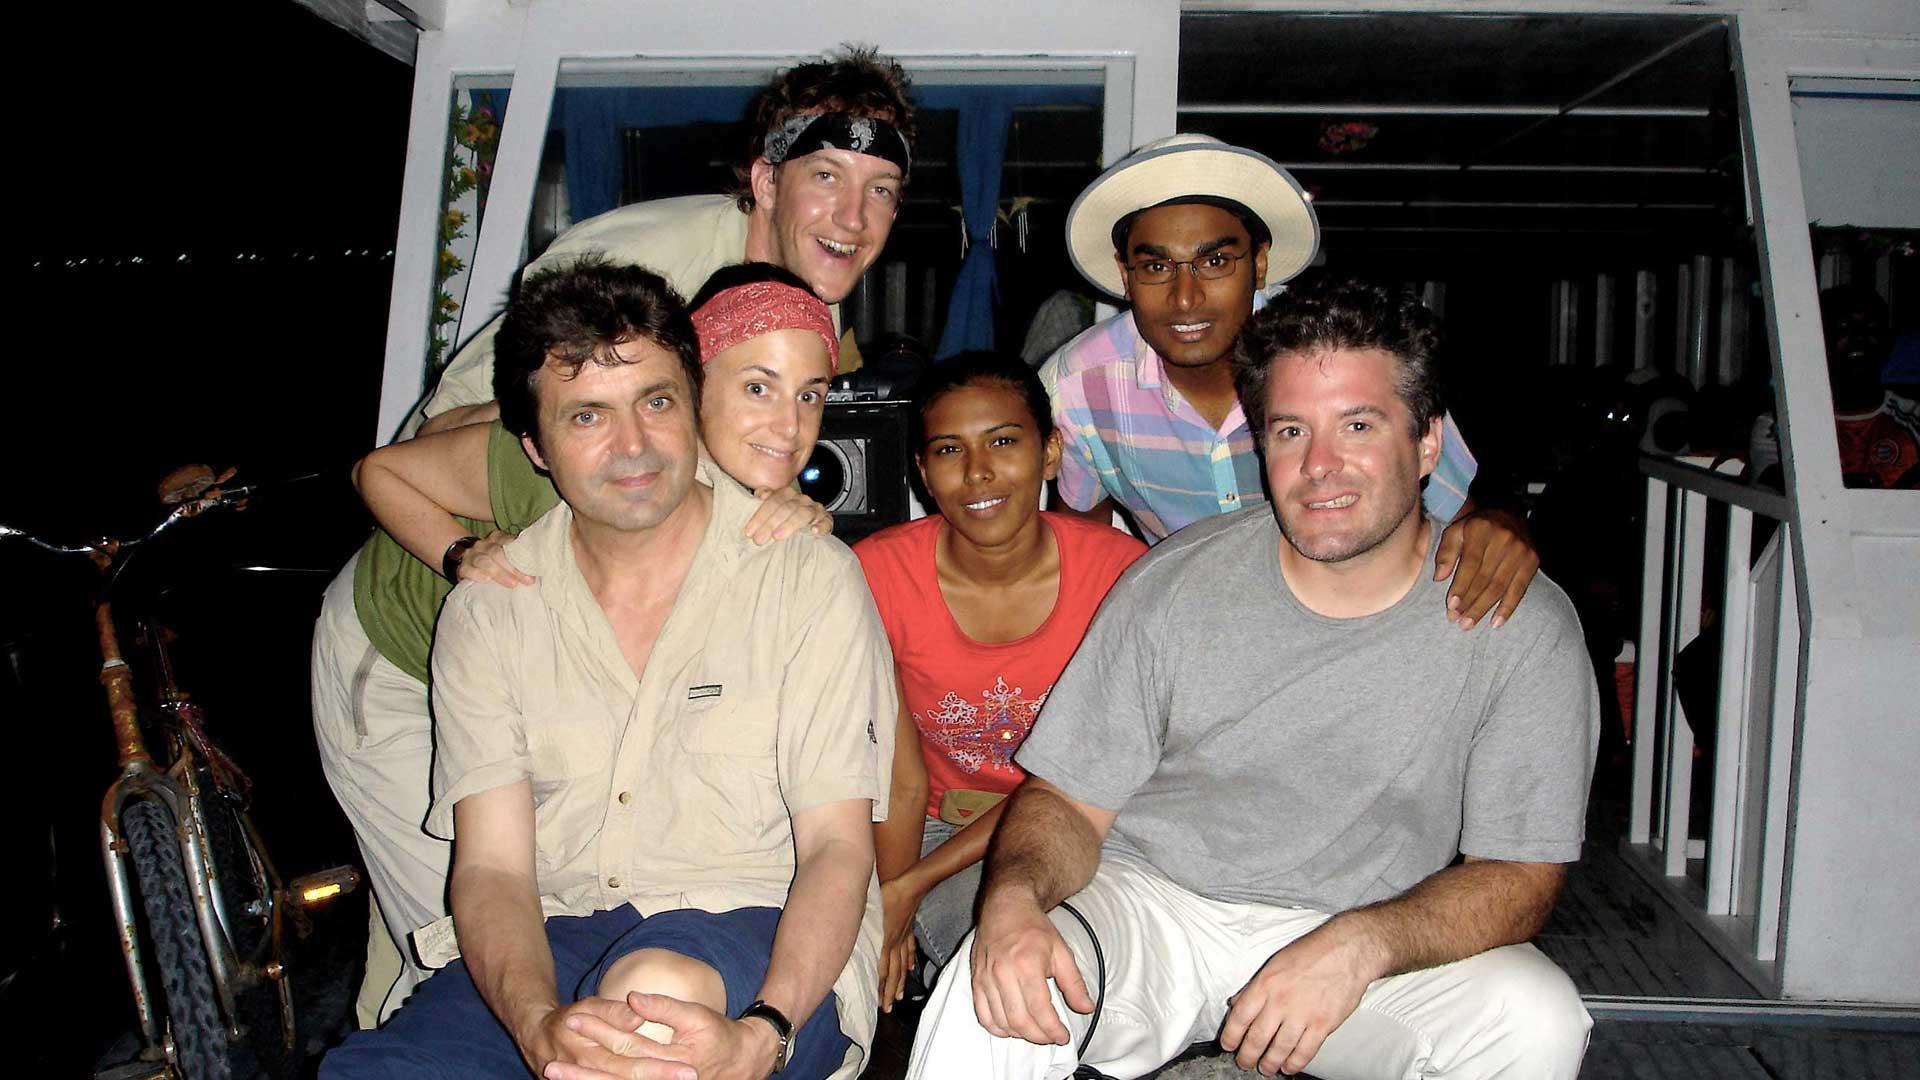 Tournage - Les réfugiés de la planète bleue - Hélène Choquette